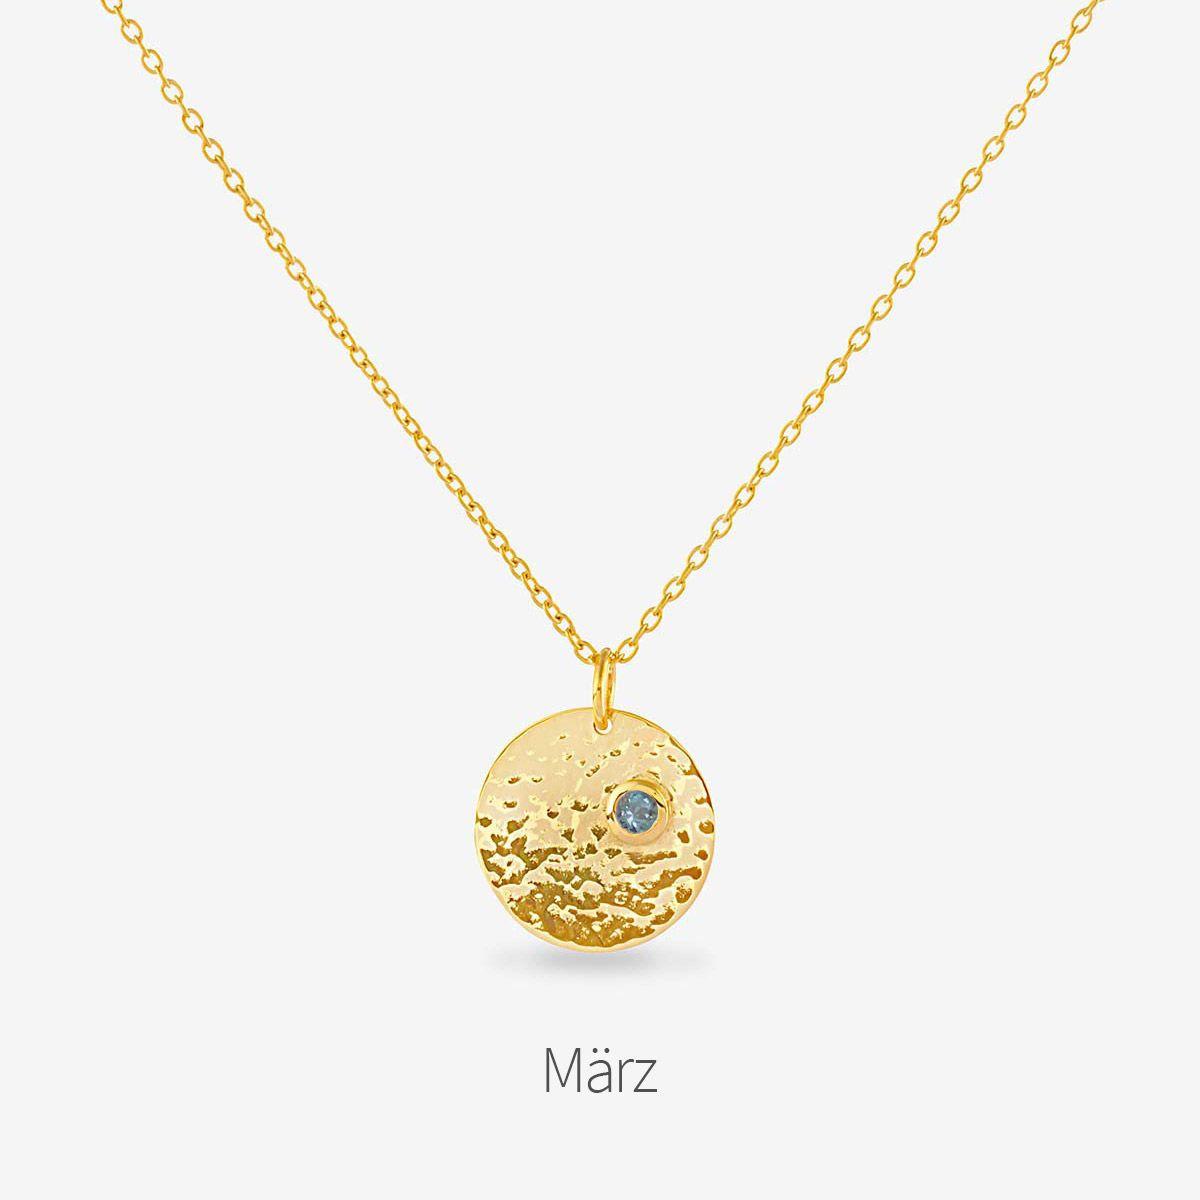 Birthstone March - Halsketten - Gold